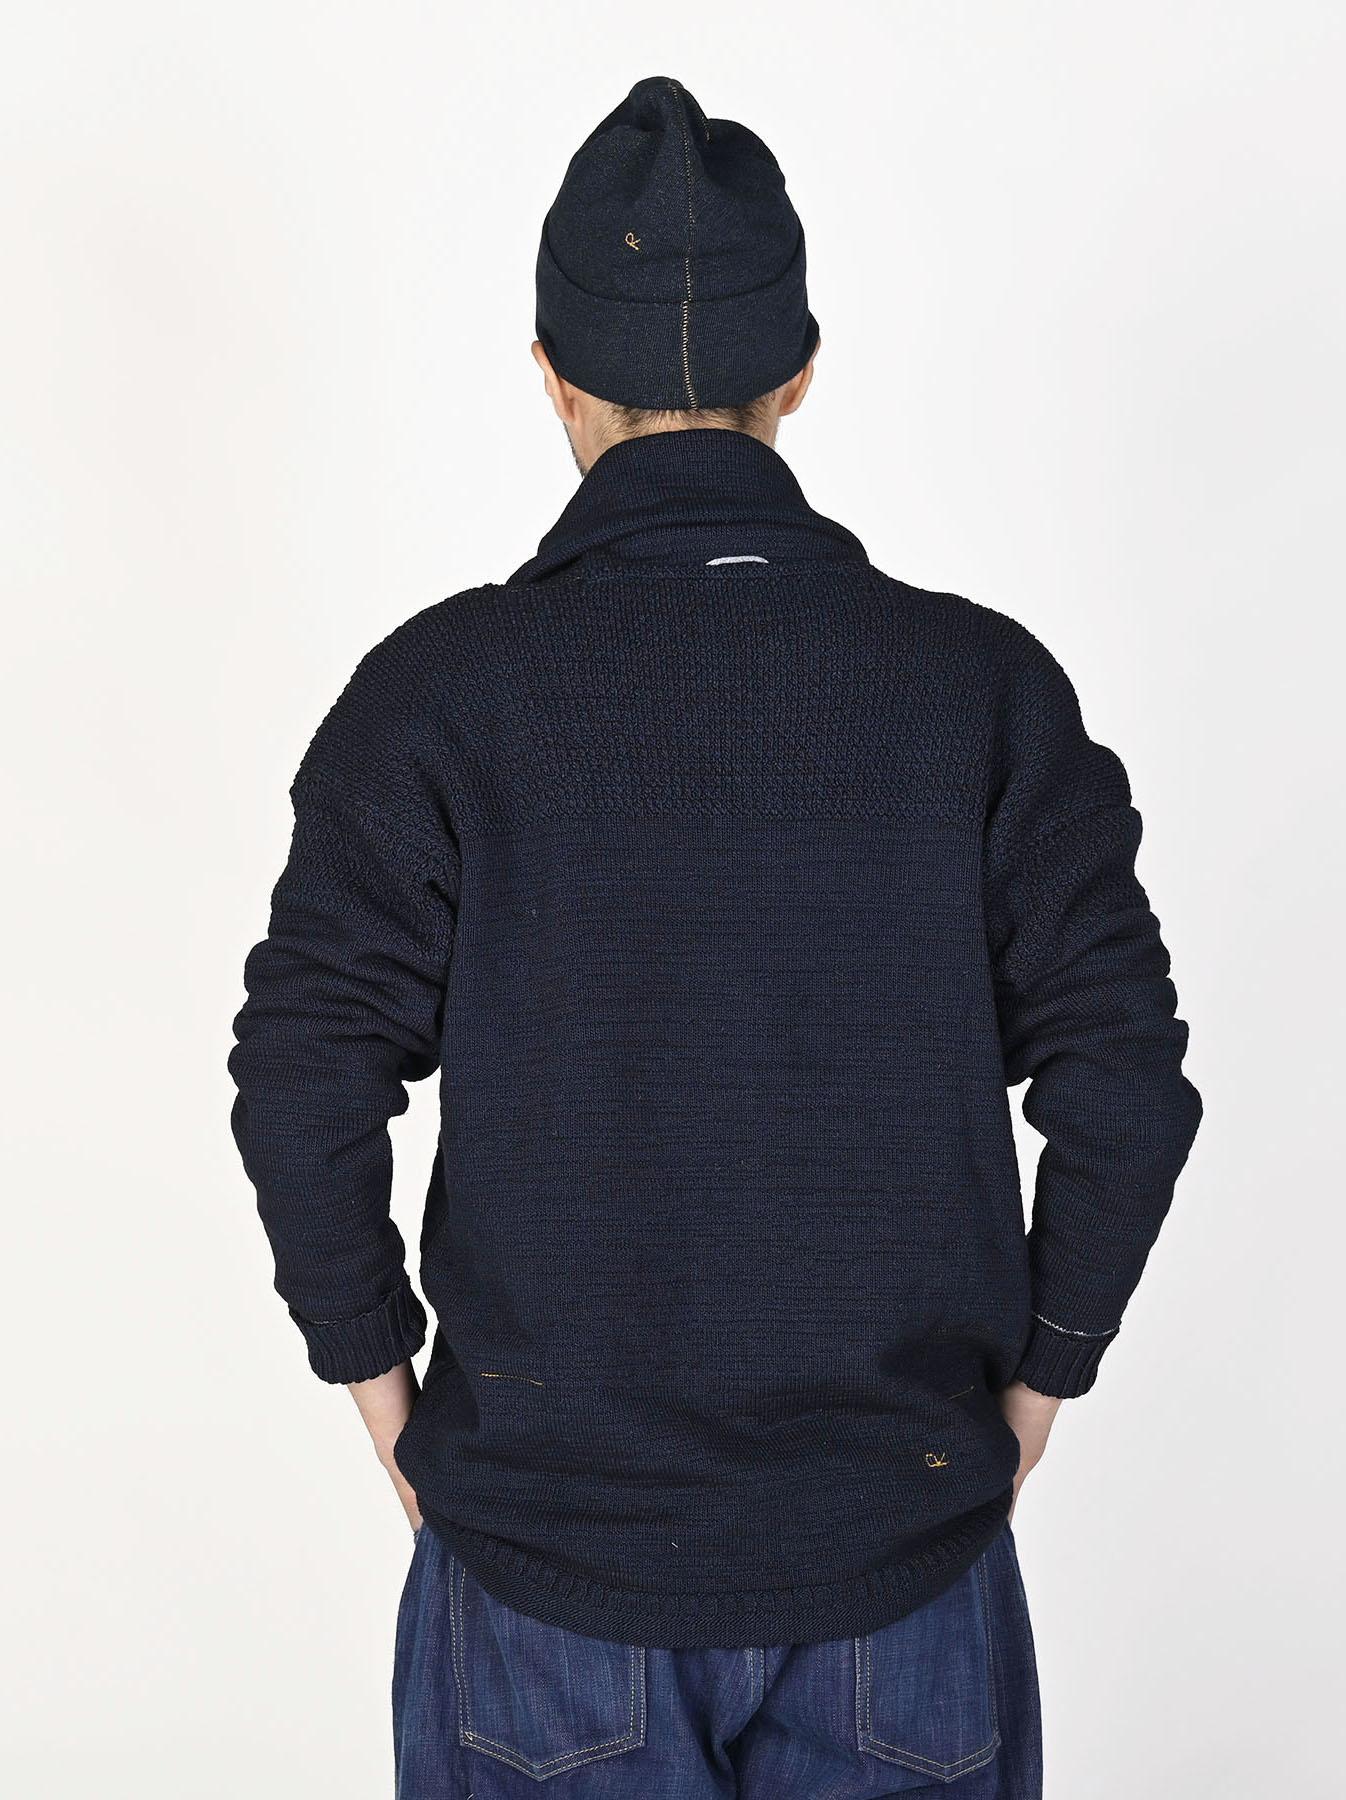 Indigo Stretch Knit Shawl Collar 908 Blouson-4